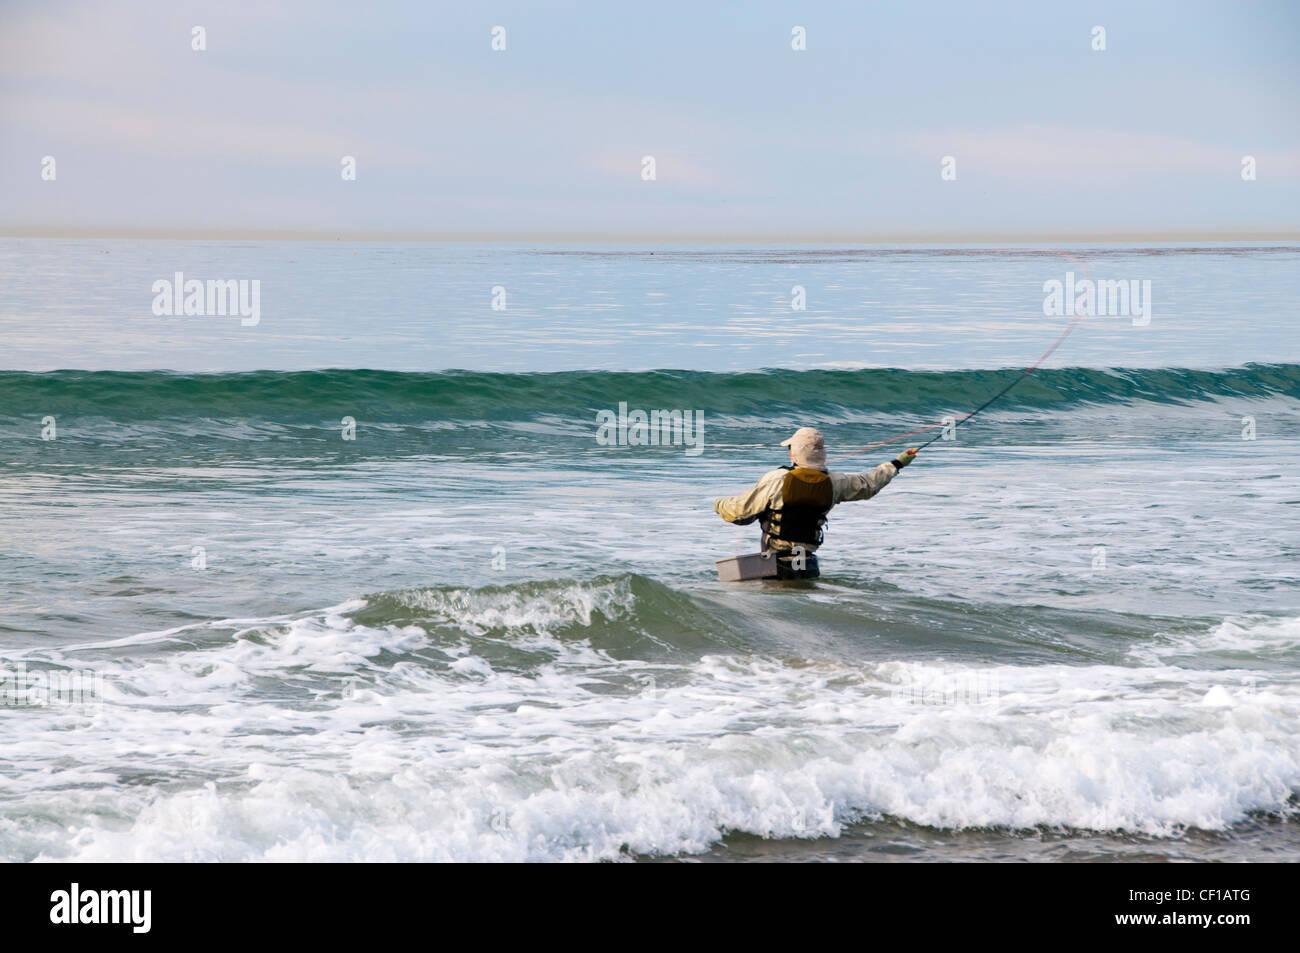 Il giornalismo di redazione giornalistica tempestoso mare sport di avventura spiaggia la gente camminare maschile Immagini Stock